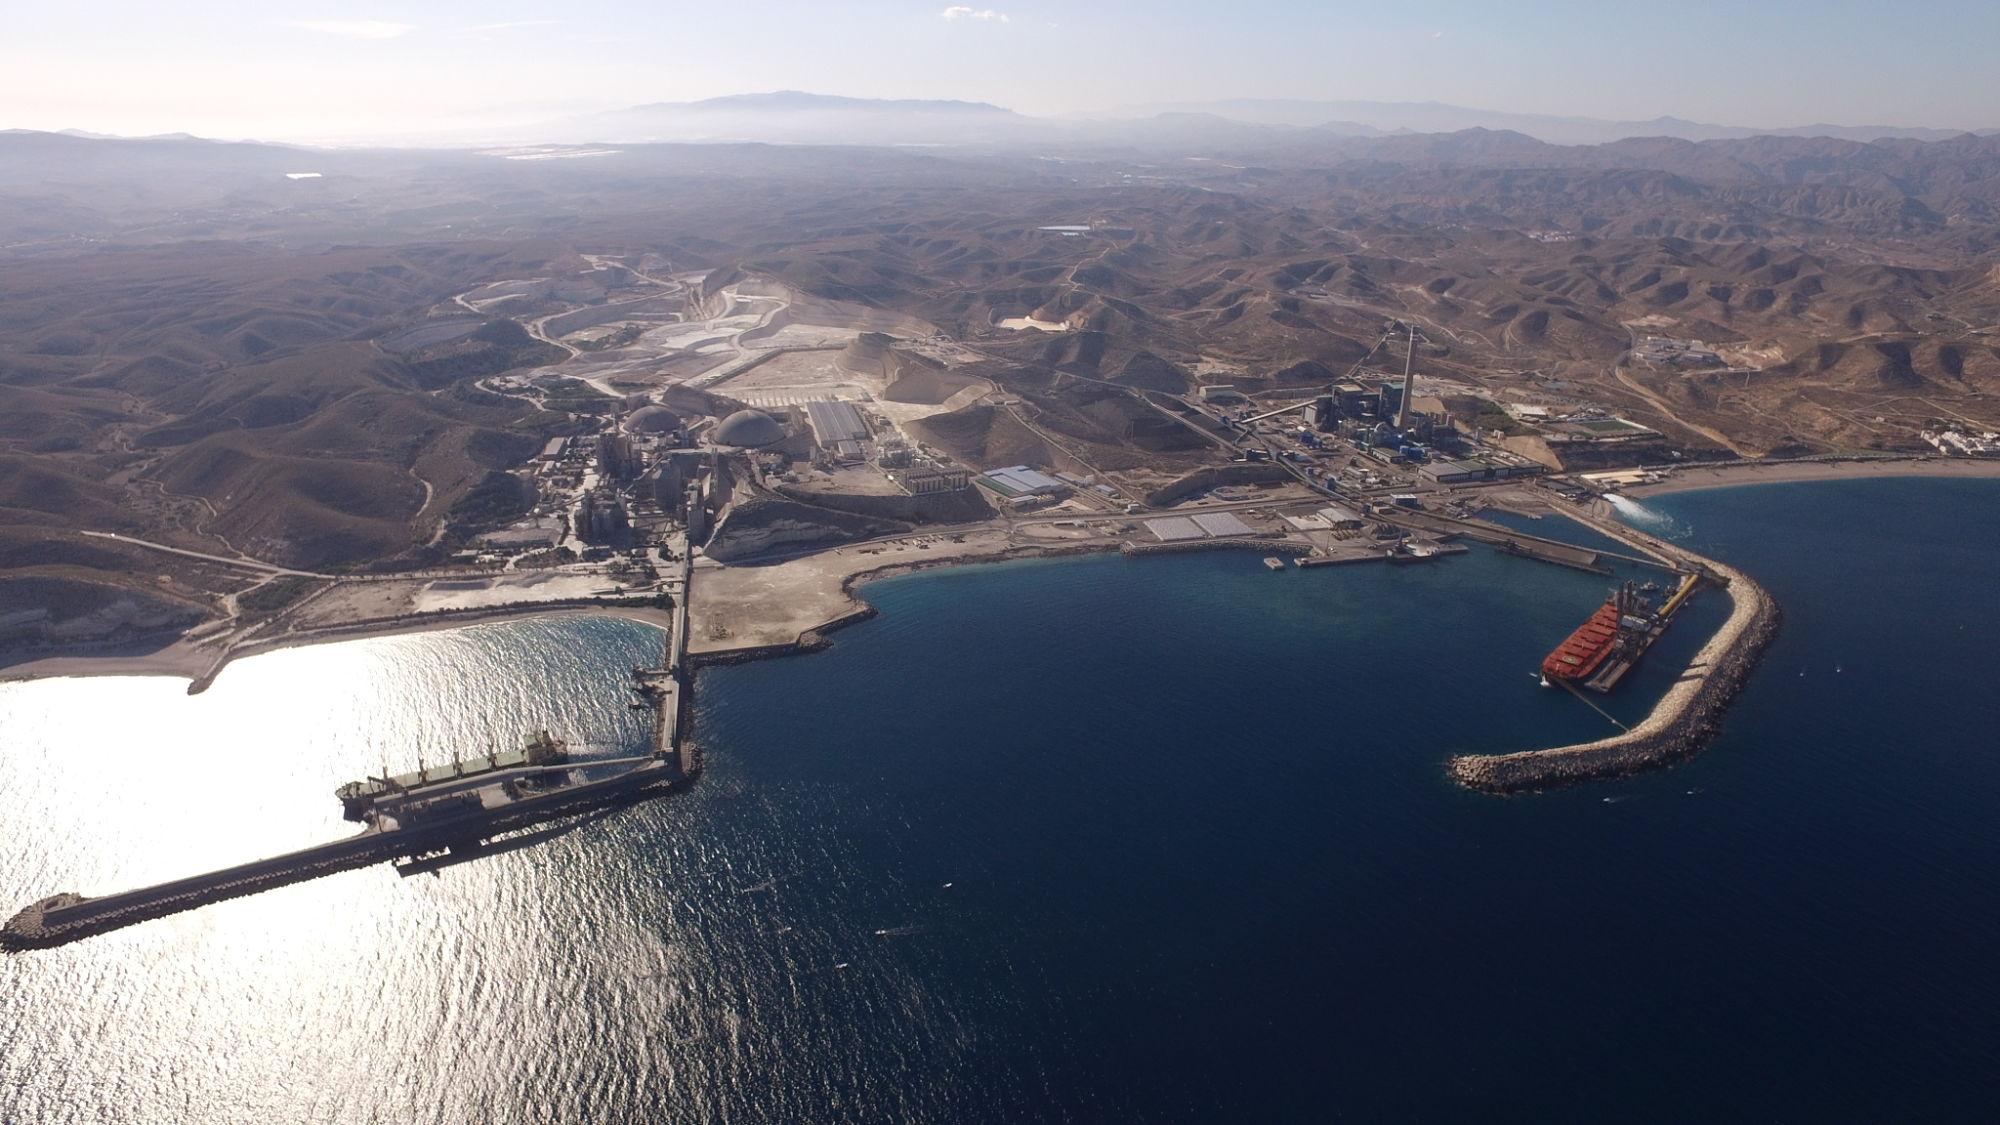 La Autoridad Portuaria de Almería prevé obras por valor de 50 millones de euros hasta 2024